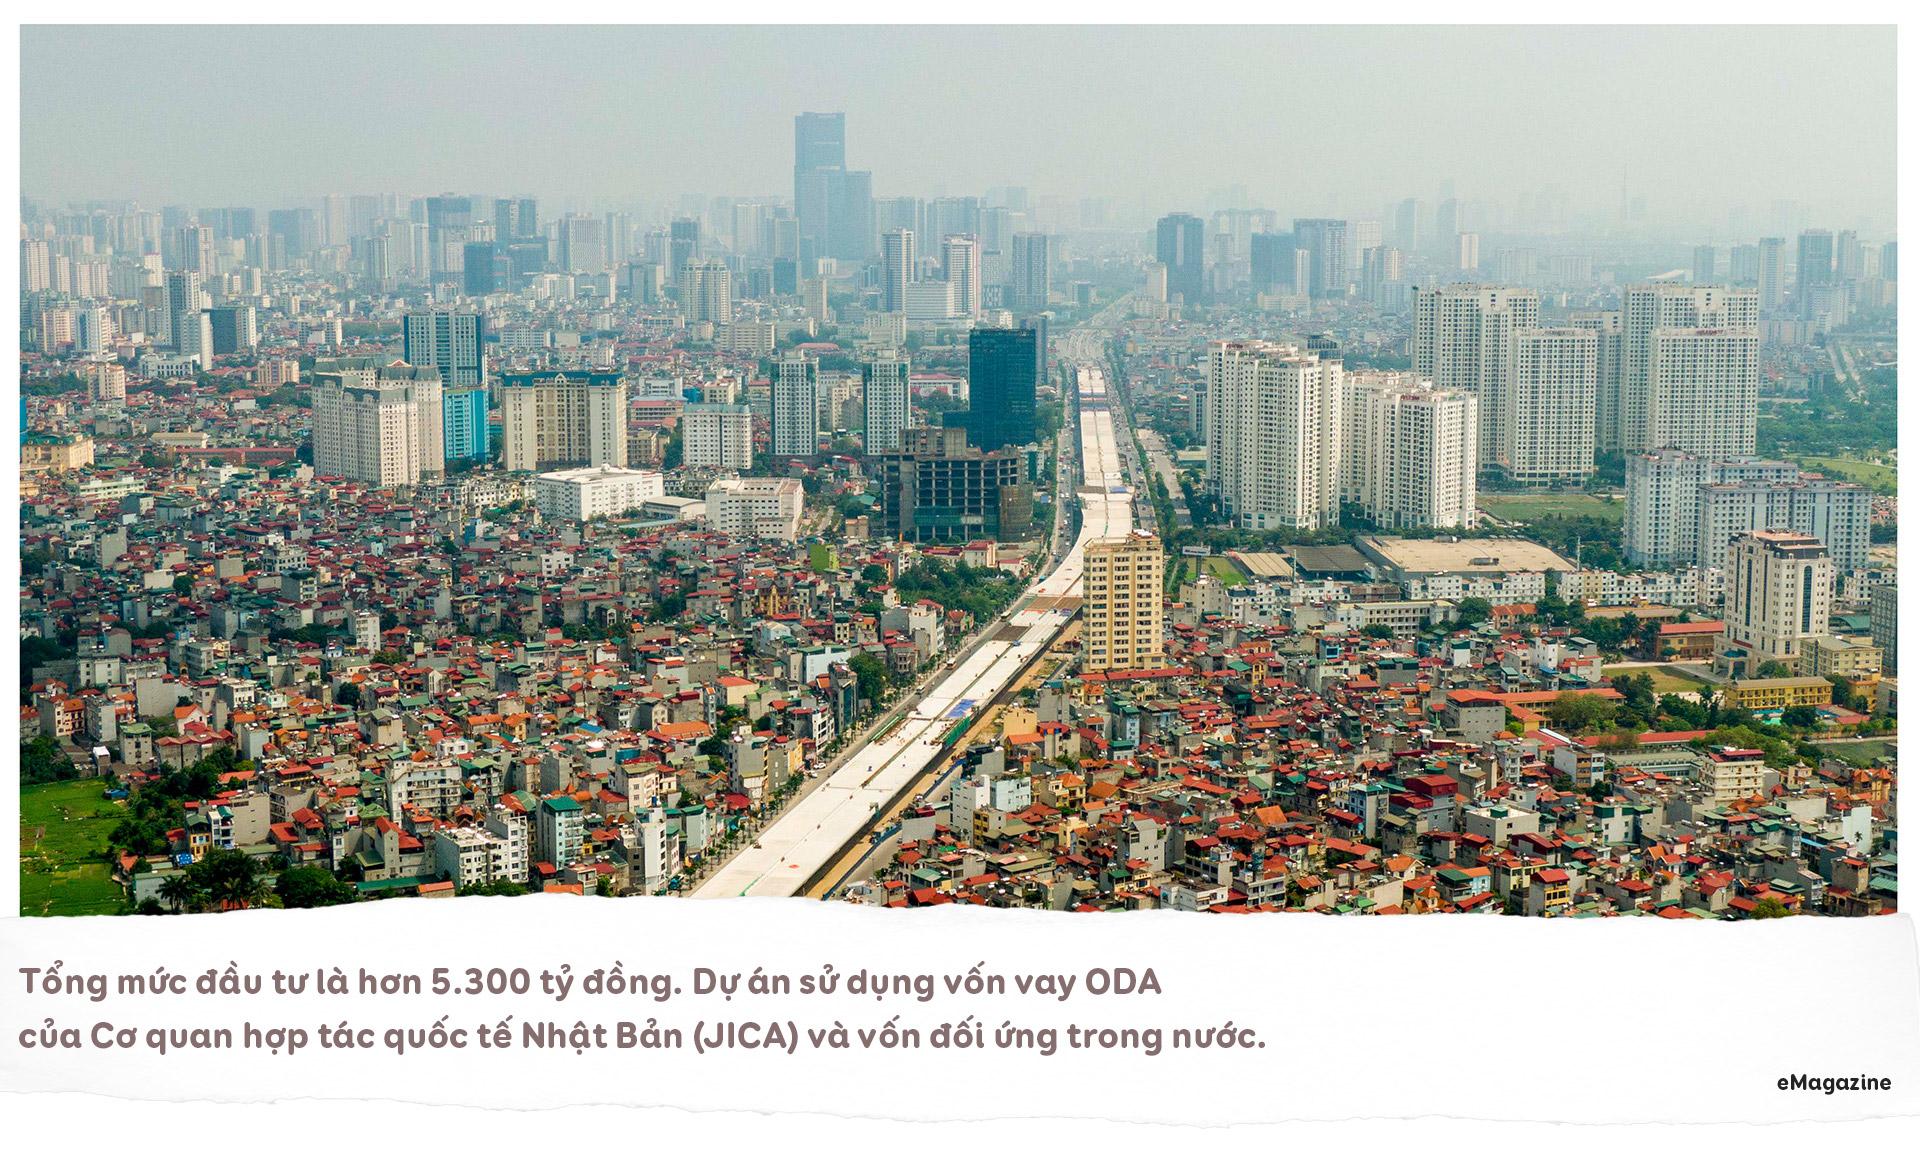 Diện mạo cầu cạn hơn 1.000 tỷ đồng/1 km nối với cây cầu 2 tầng độc nhất - 3